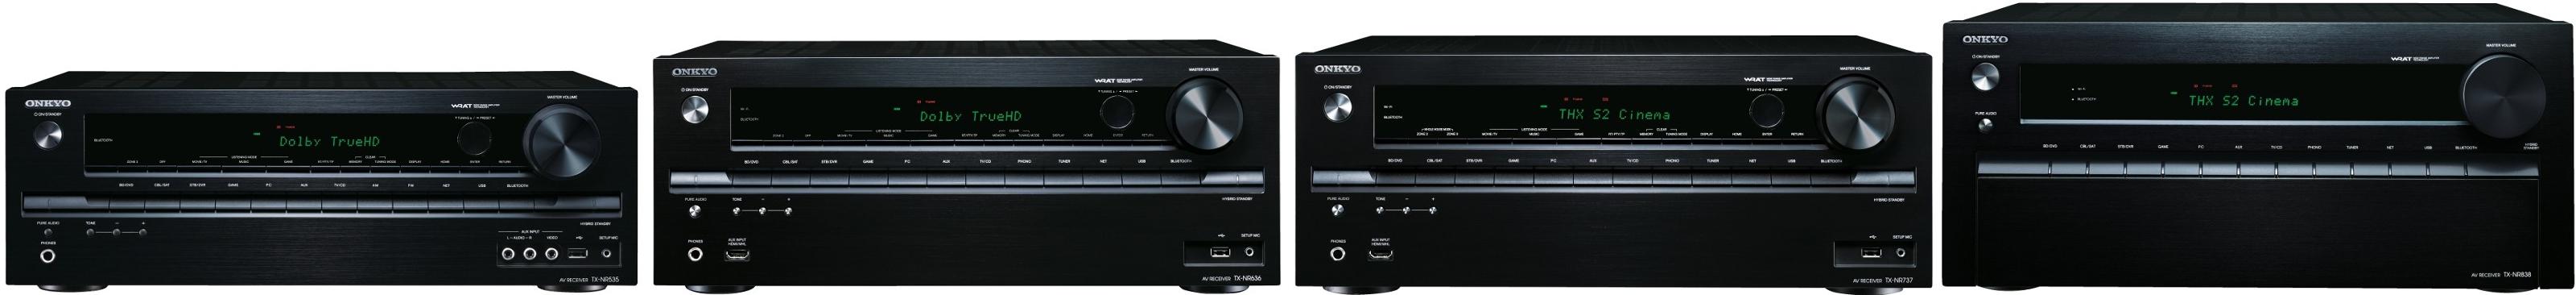 onkyo tx-nr535, tx-nr636, tx-nr737 et tx-nr838